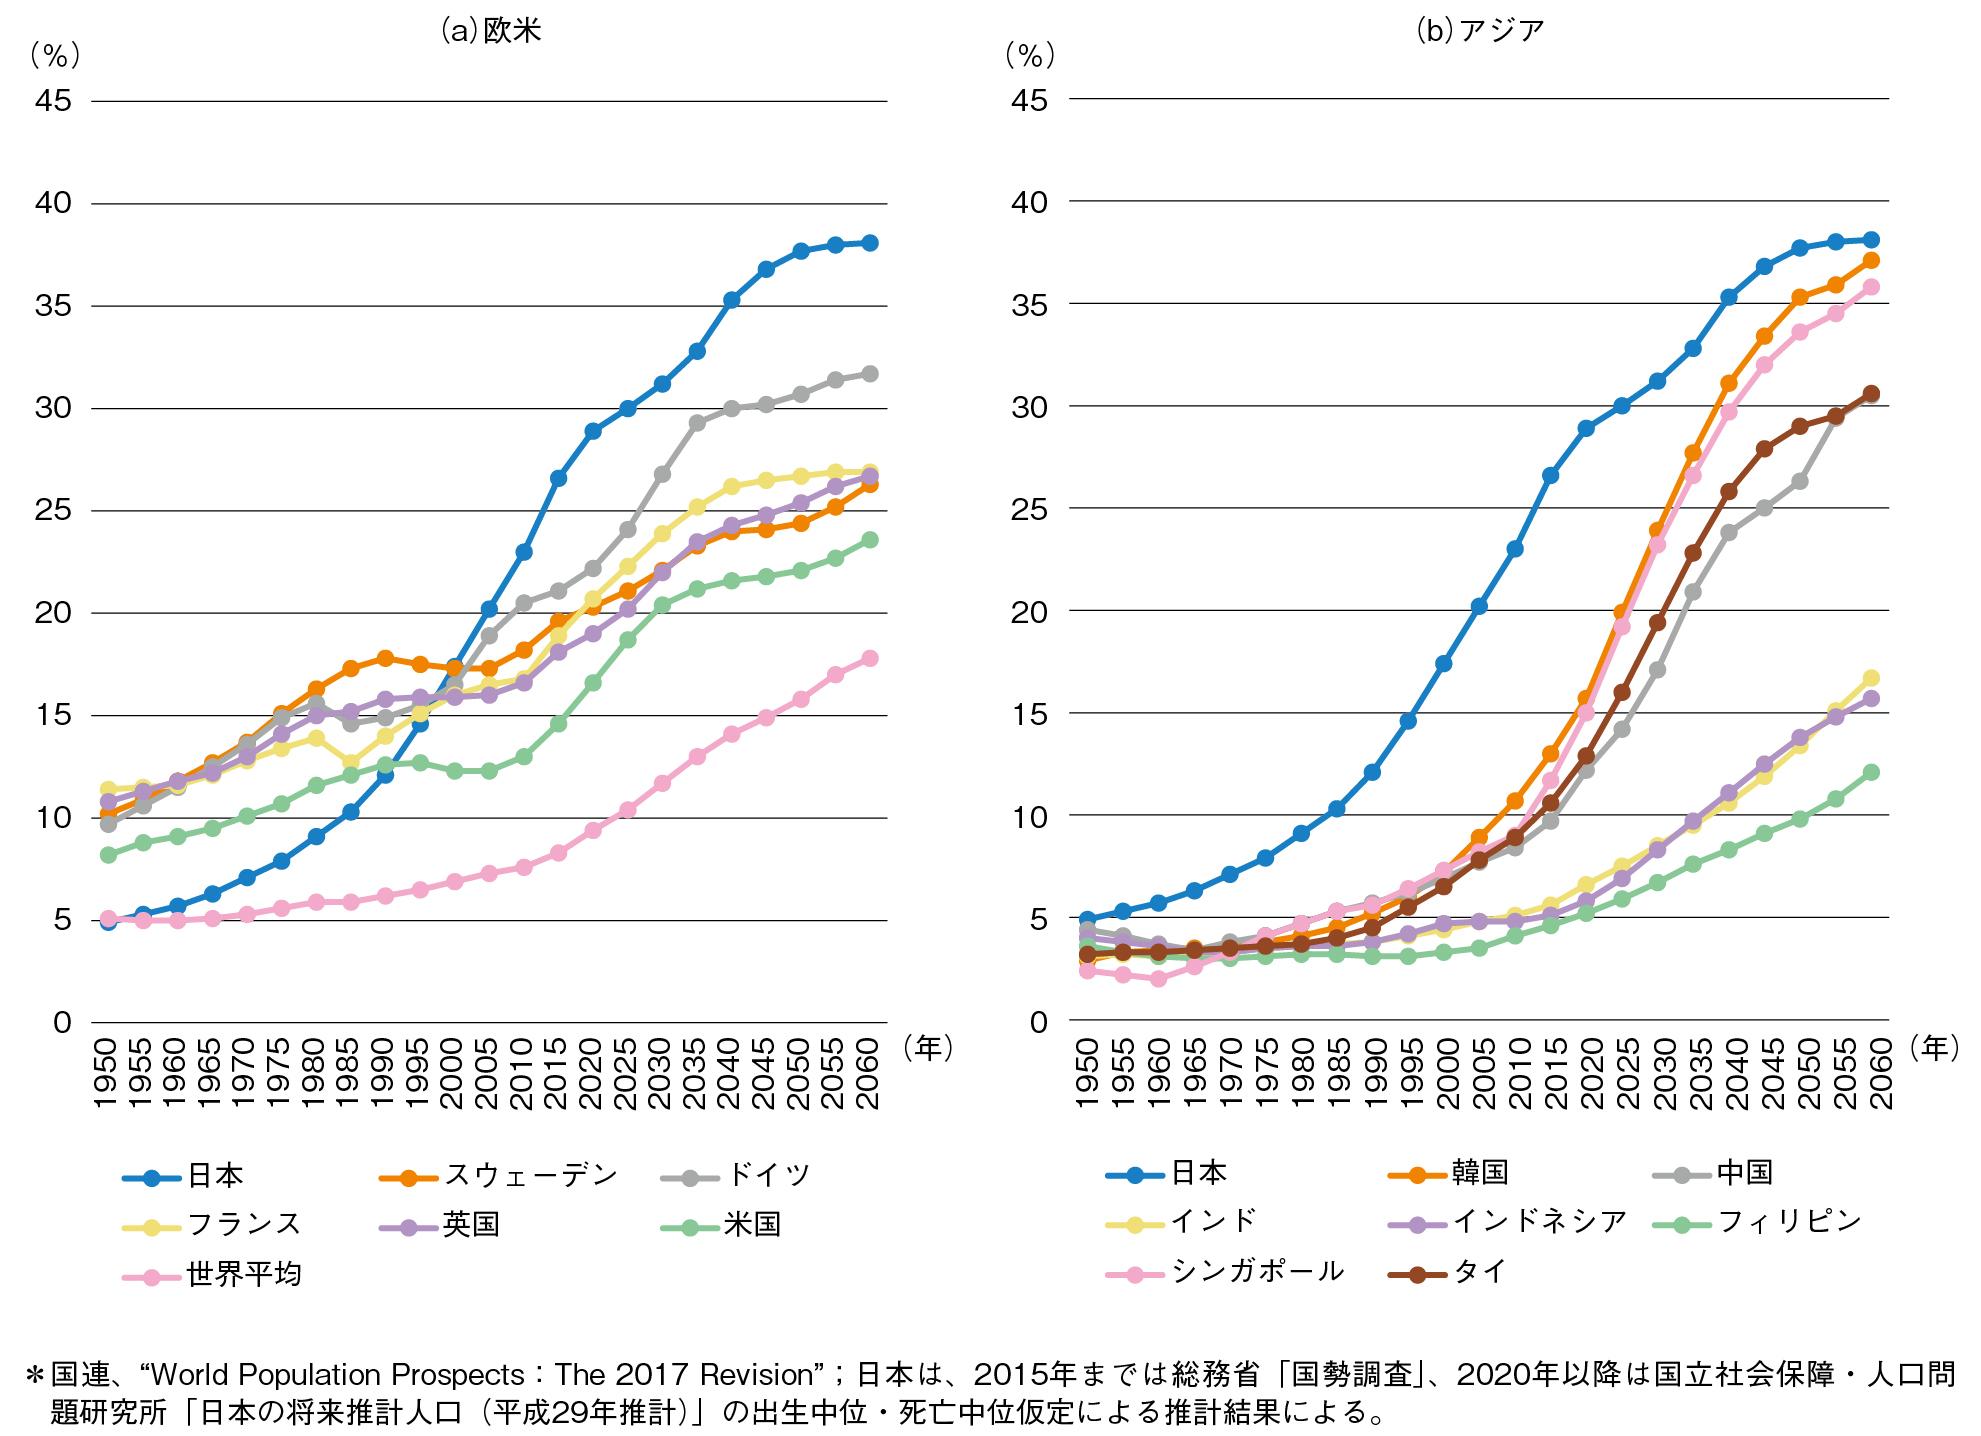 図1-2-5 欧米やアジア各国の高齢化率の推移 (出所:「平成30年版高齢社会白書」を基に筆者が作成)